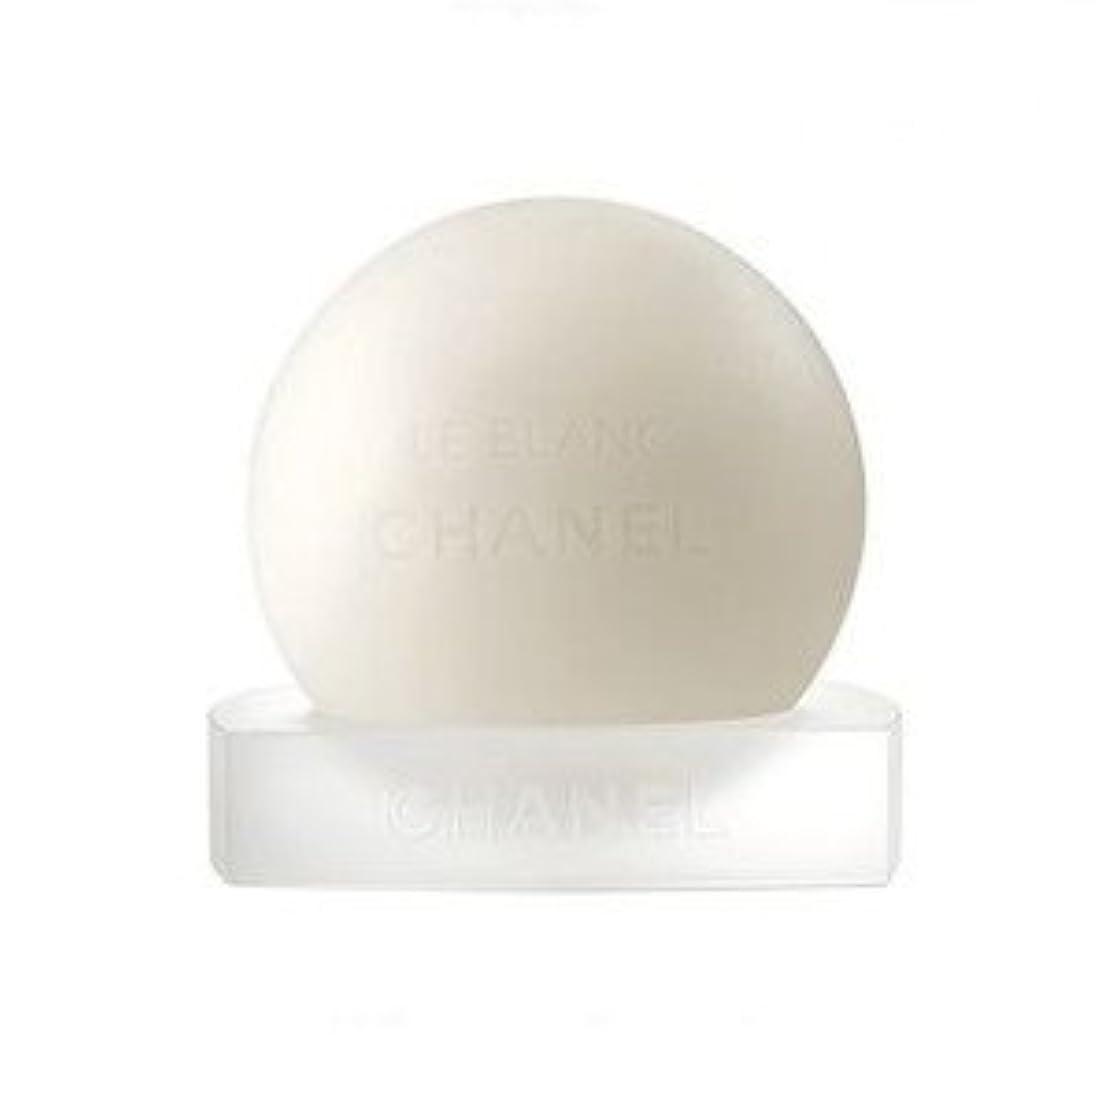 予測縮約あさりシャネル ル ブラン ソープ 100g 洗顔石けん 限定品 アウトレット